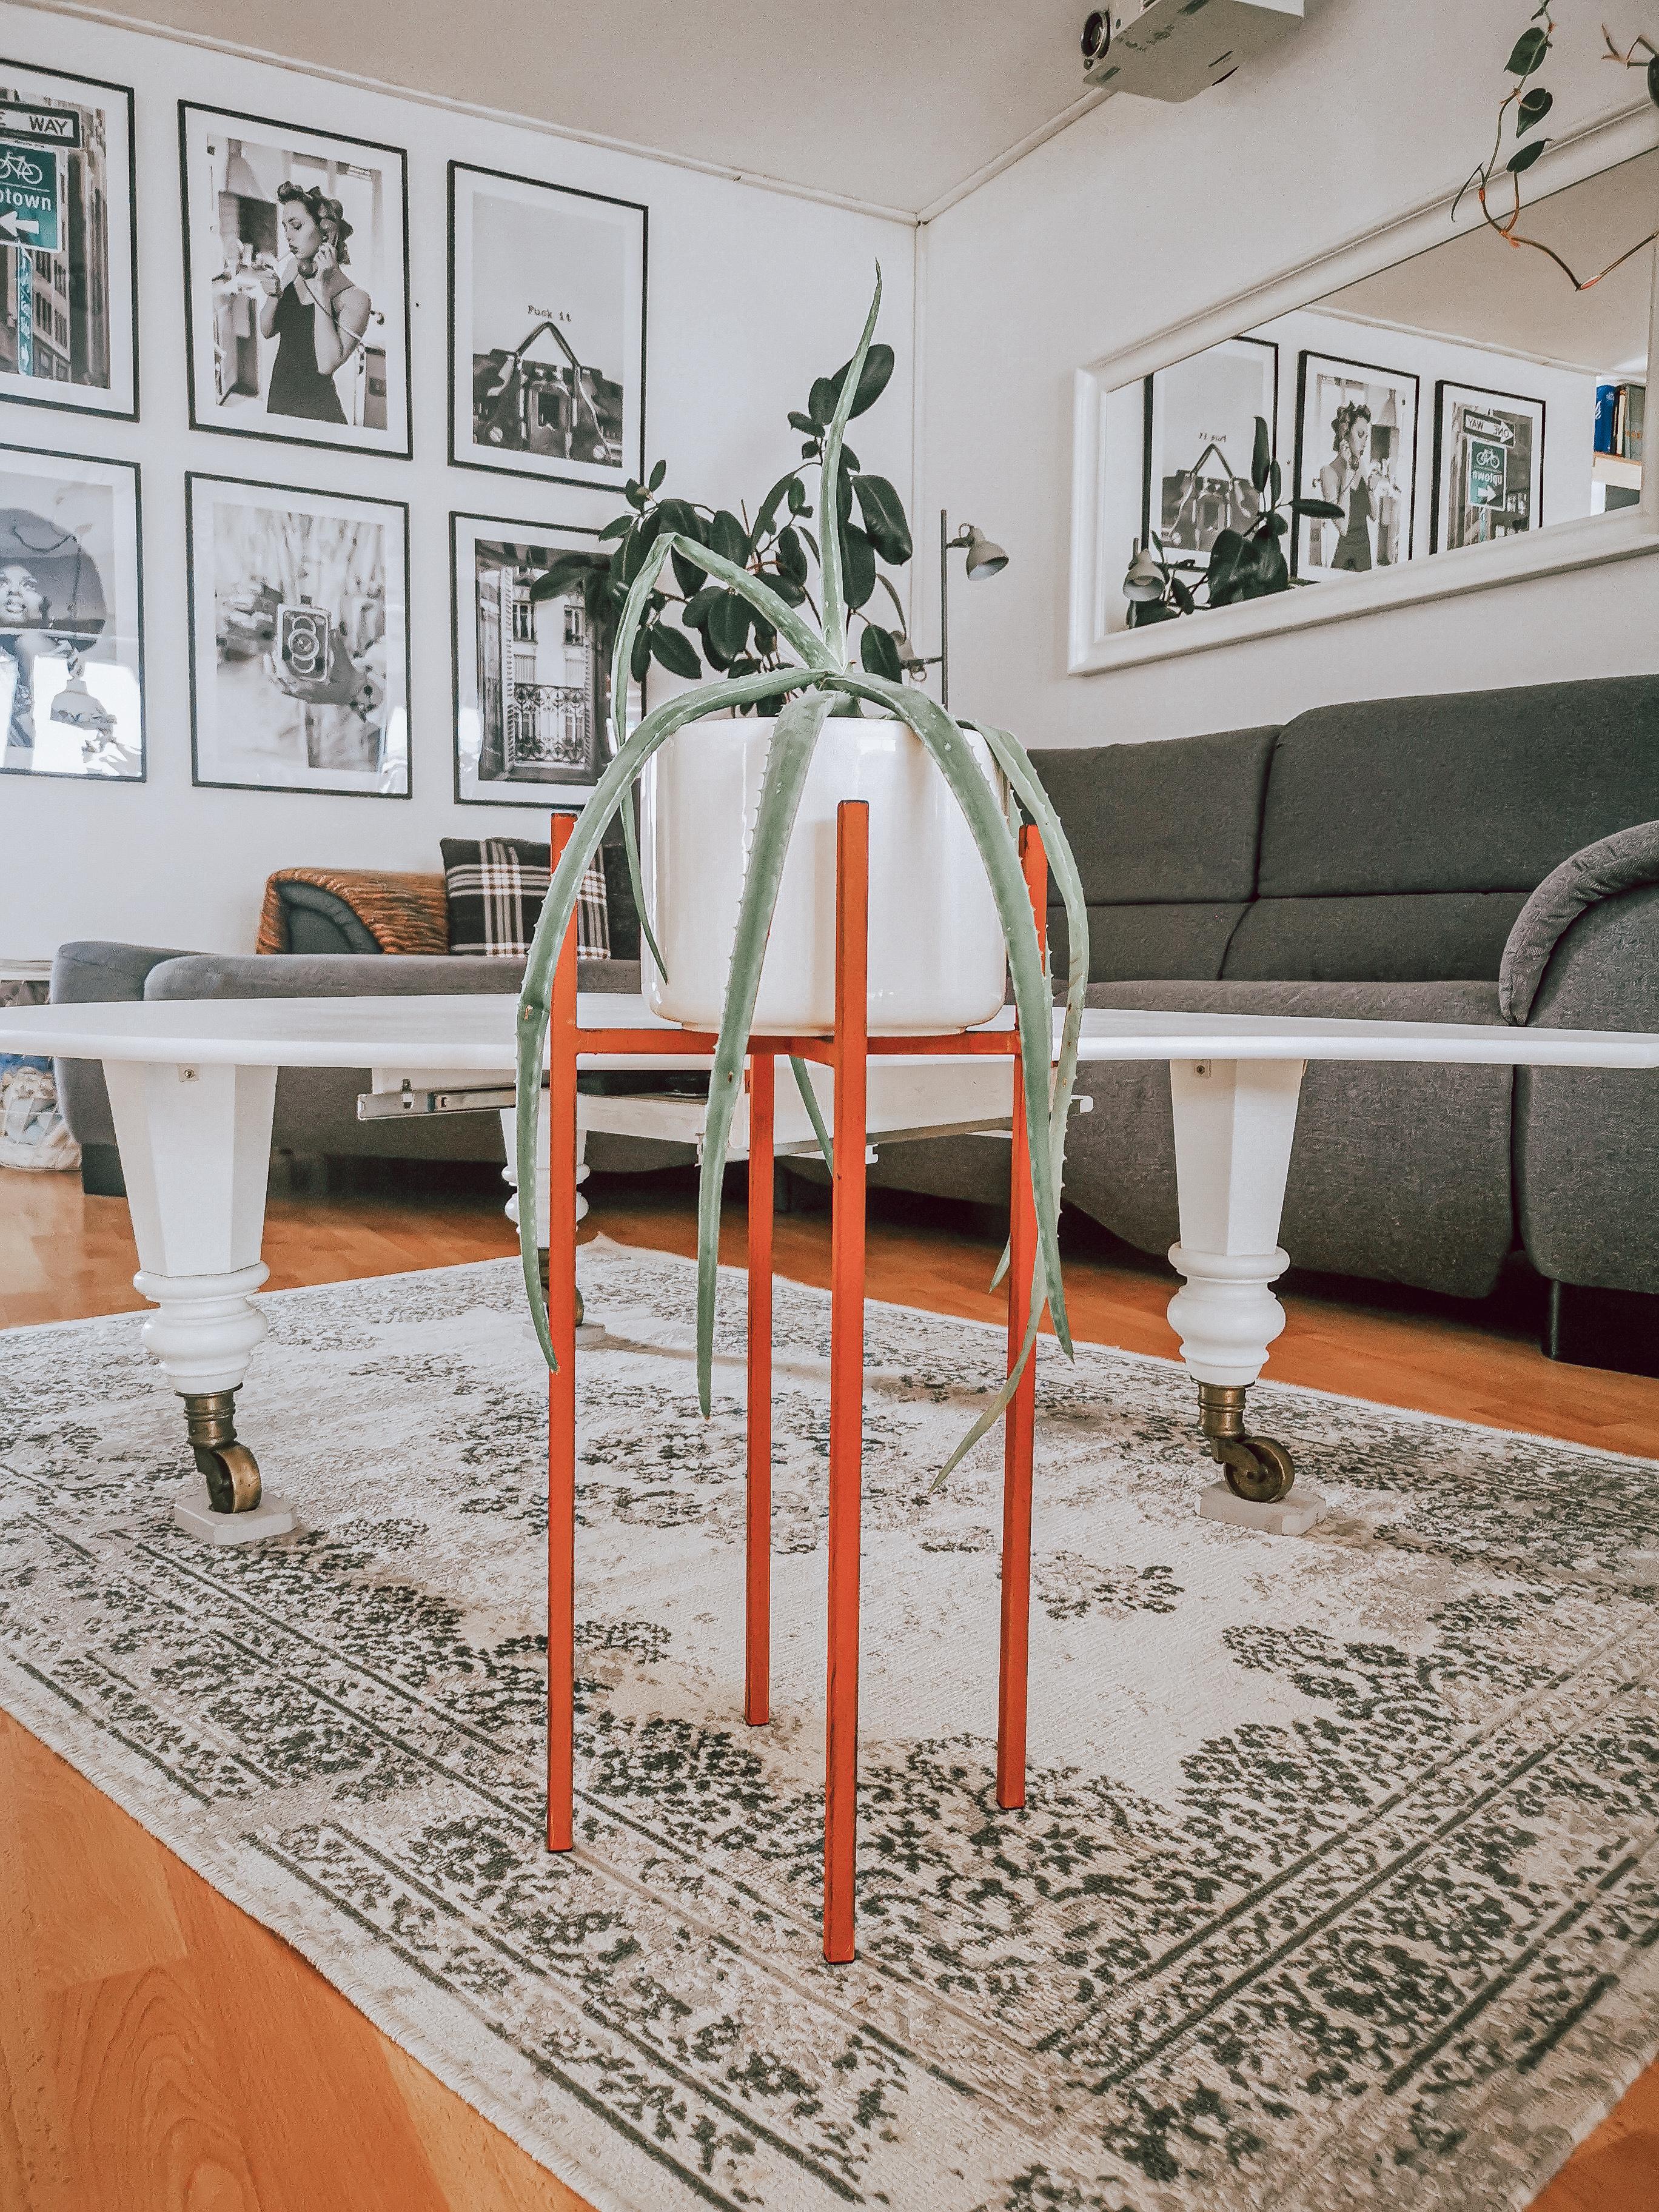 IMG 20200523 125653 - 11 ulimative Tipps für ein gemütliches zu Hause